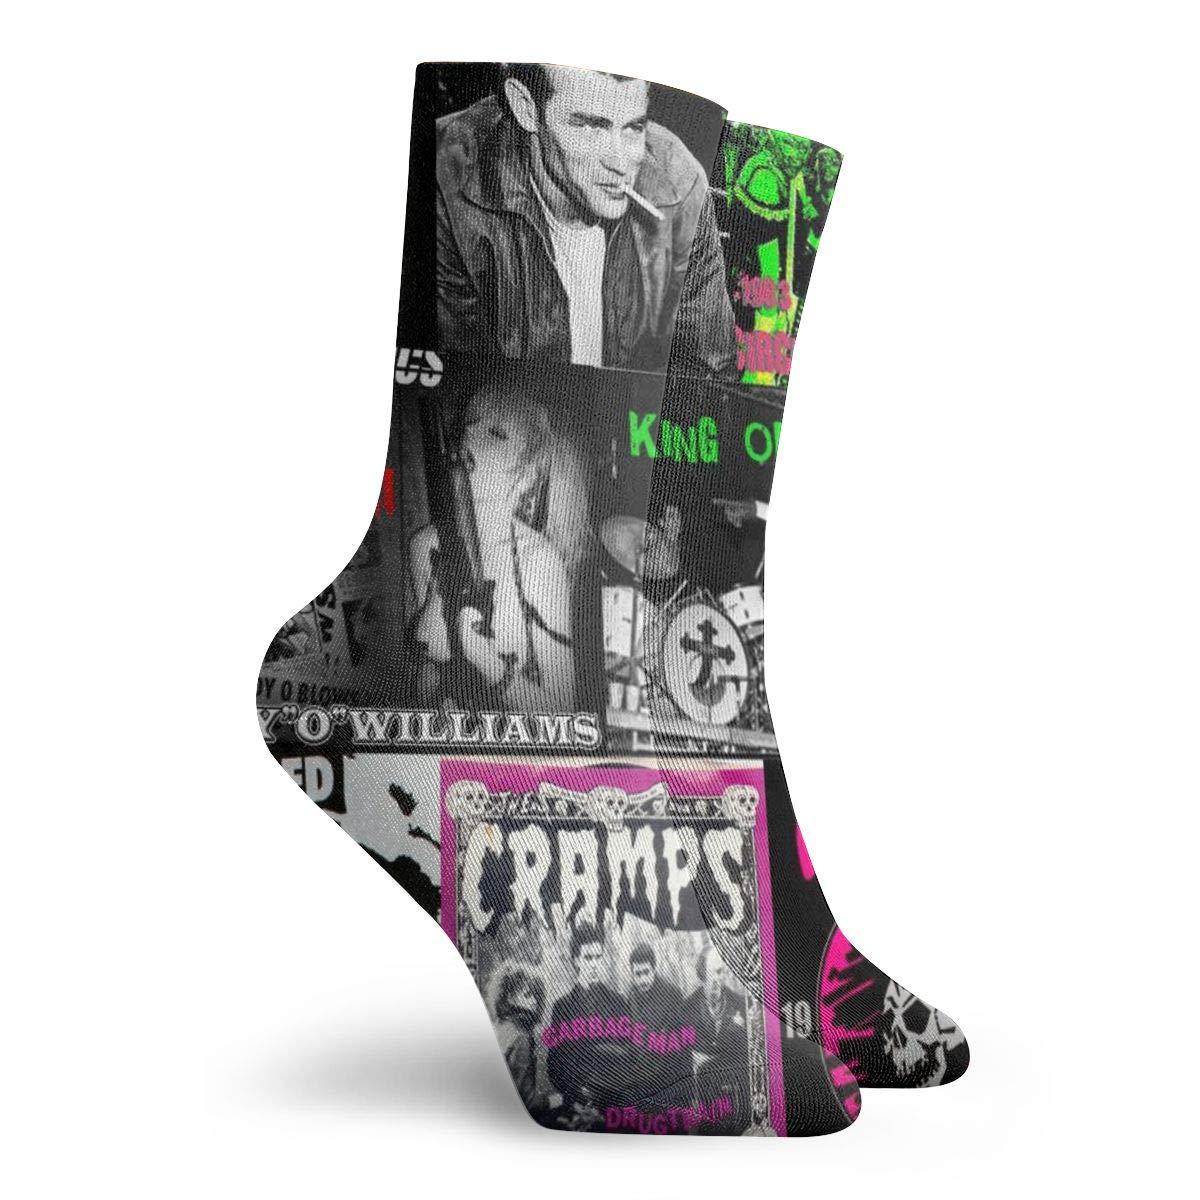 harry wang calze donna corte cotone Punk Collage/_4127 Colorato antiscivolo per uomo donna taglia unica.